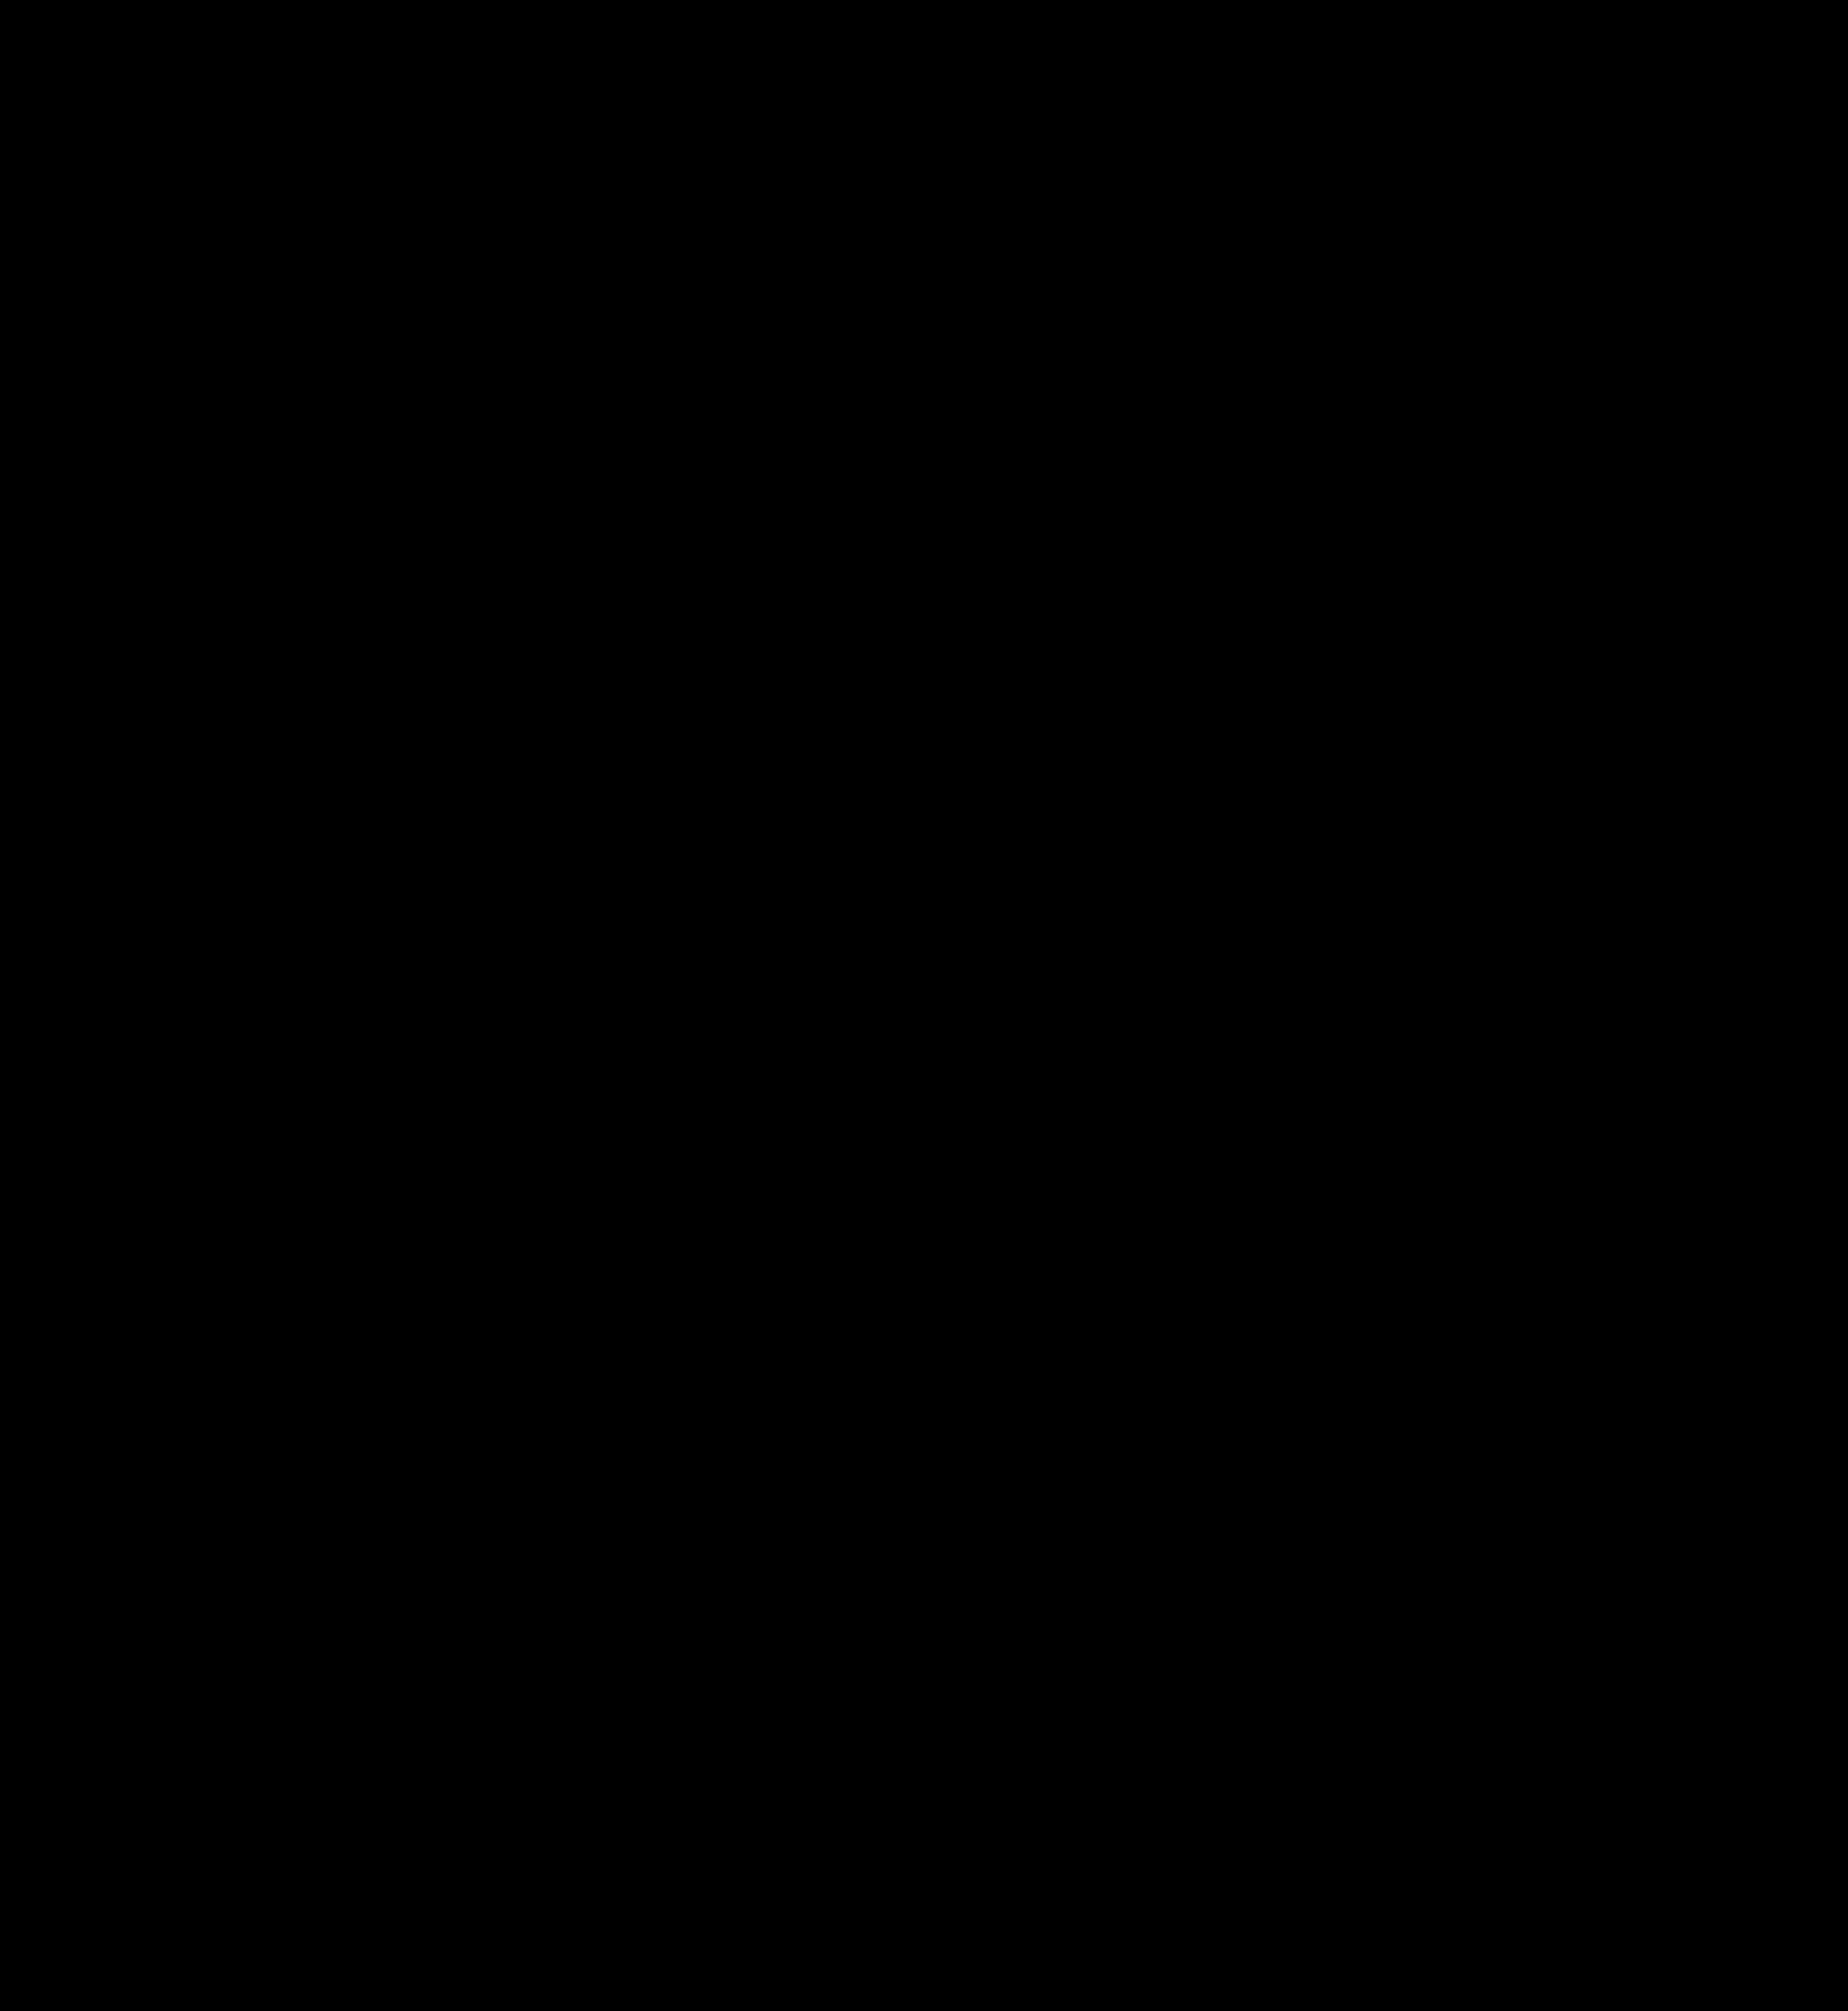 KUCHYŇSKÁ BATERIE SCHOCK LAIOS W NEREZ 517005